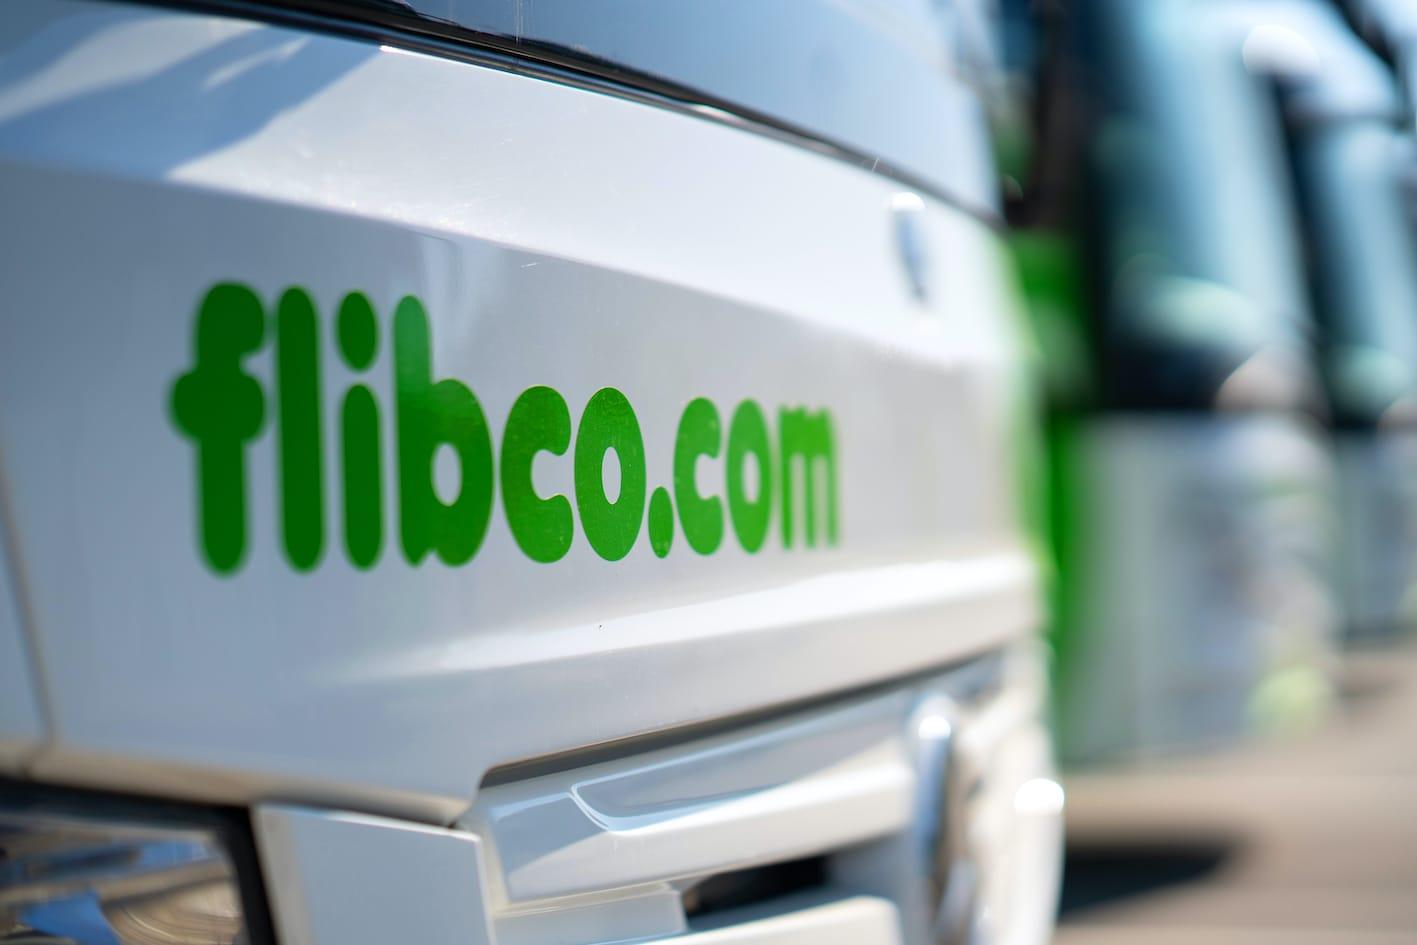 flibco.com